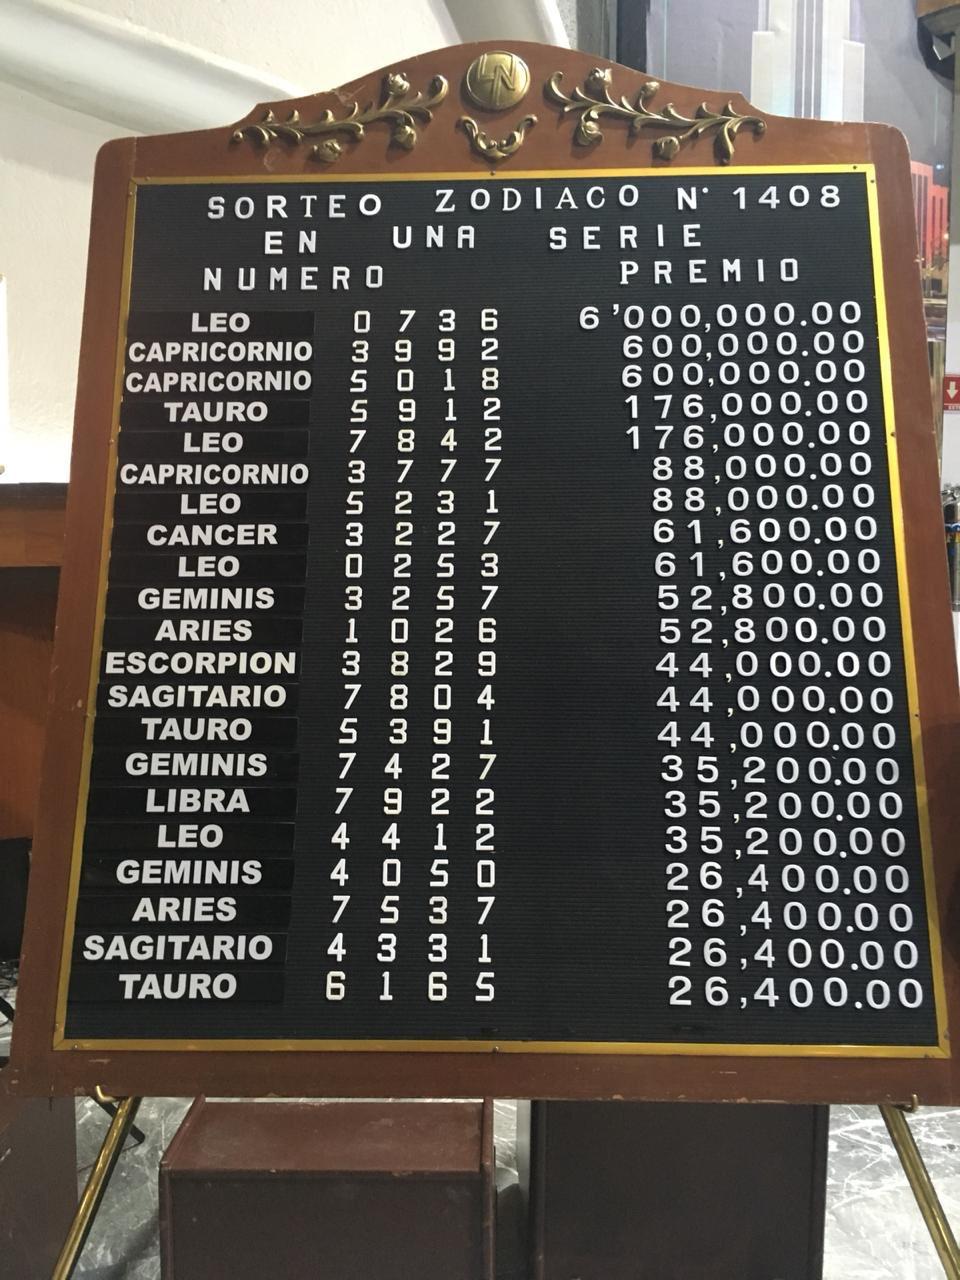 Resultados sorteo zodiaco 1408